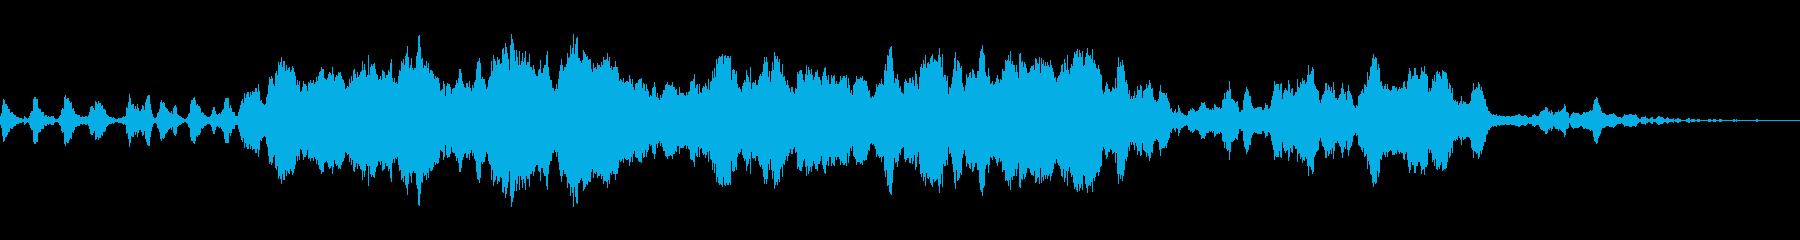 電子音と弦楽器が特徴の幻想的な楽曲の再生済みの波形